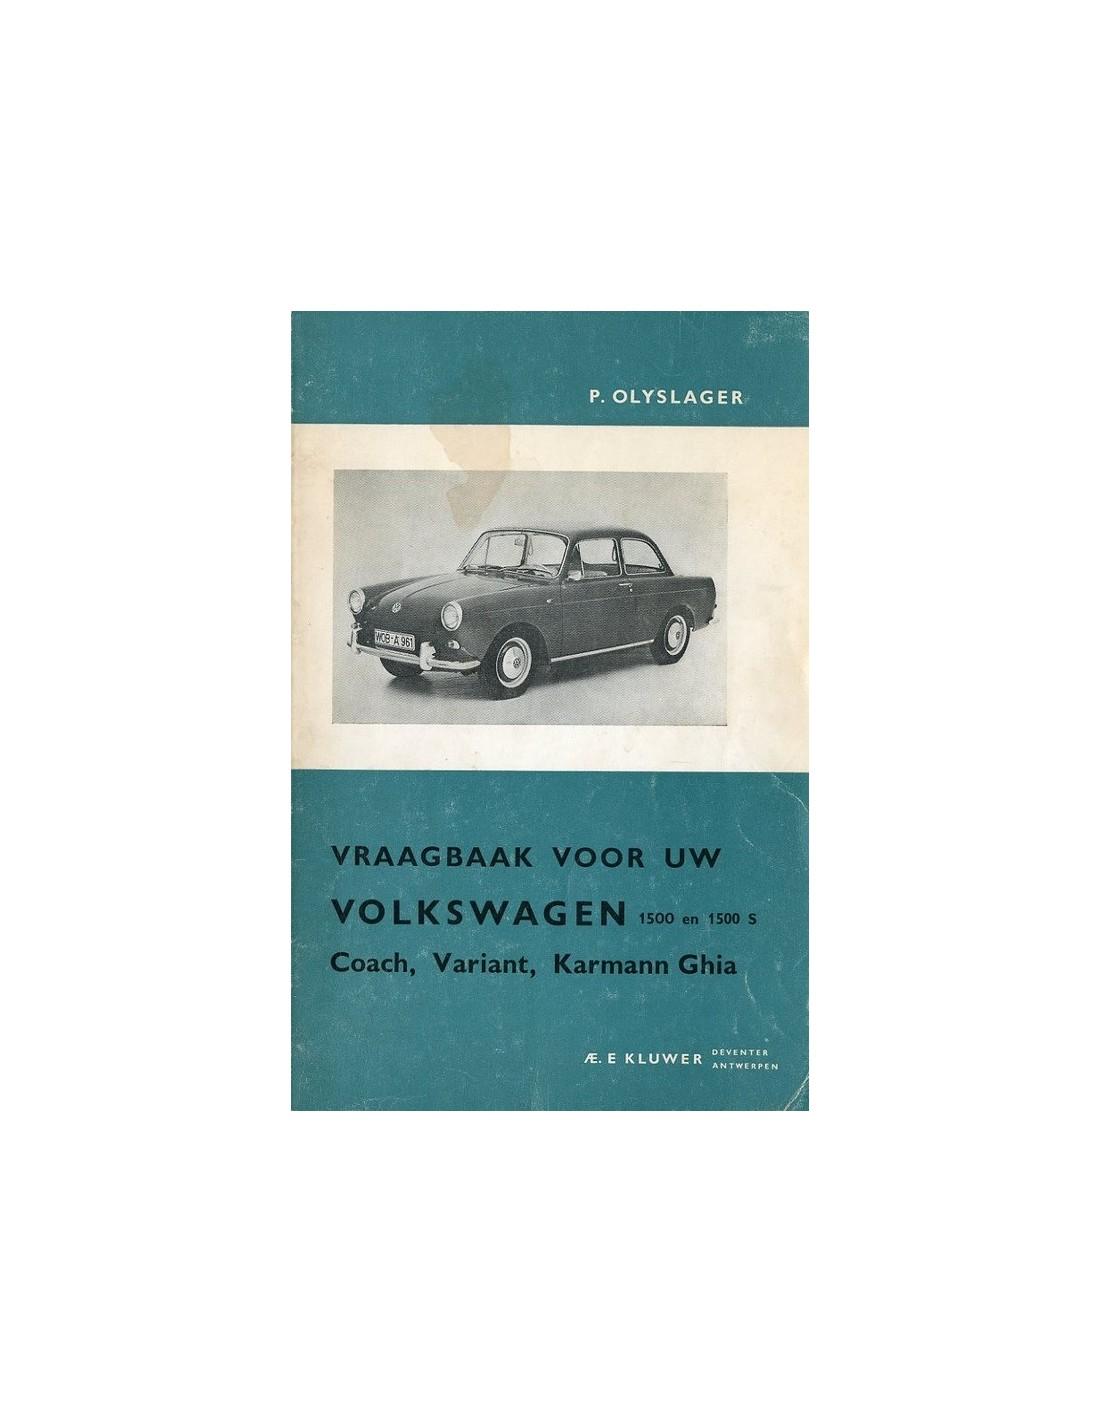 1961 1965 Volkswagen 1500 1500 S Workshop Manual Dutch